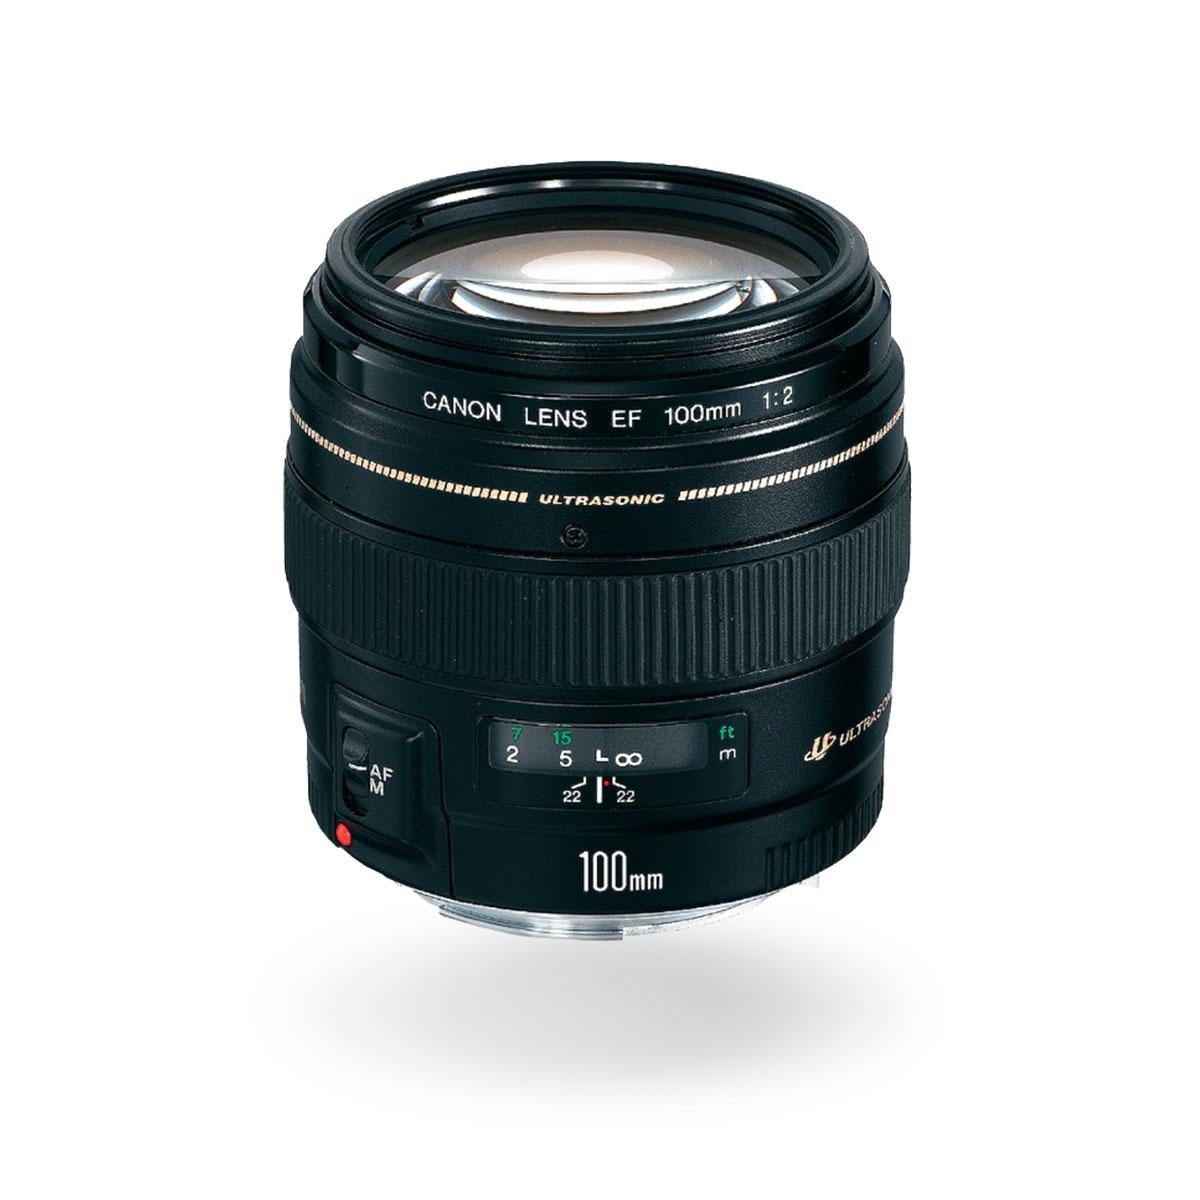 EF 100mm f/2 USM lens